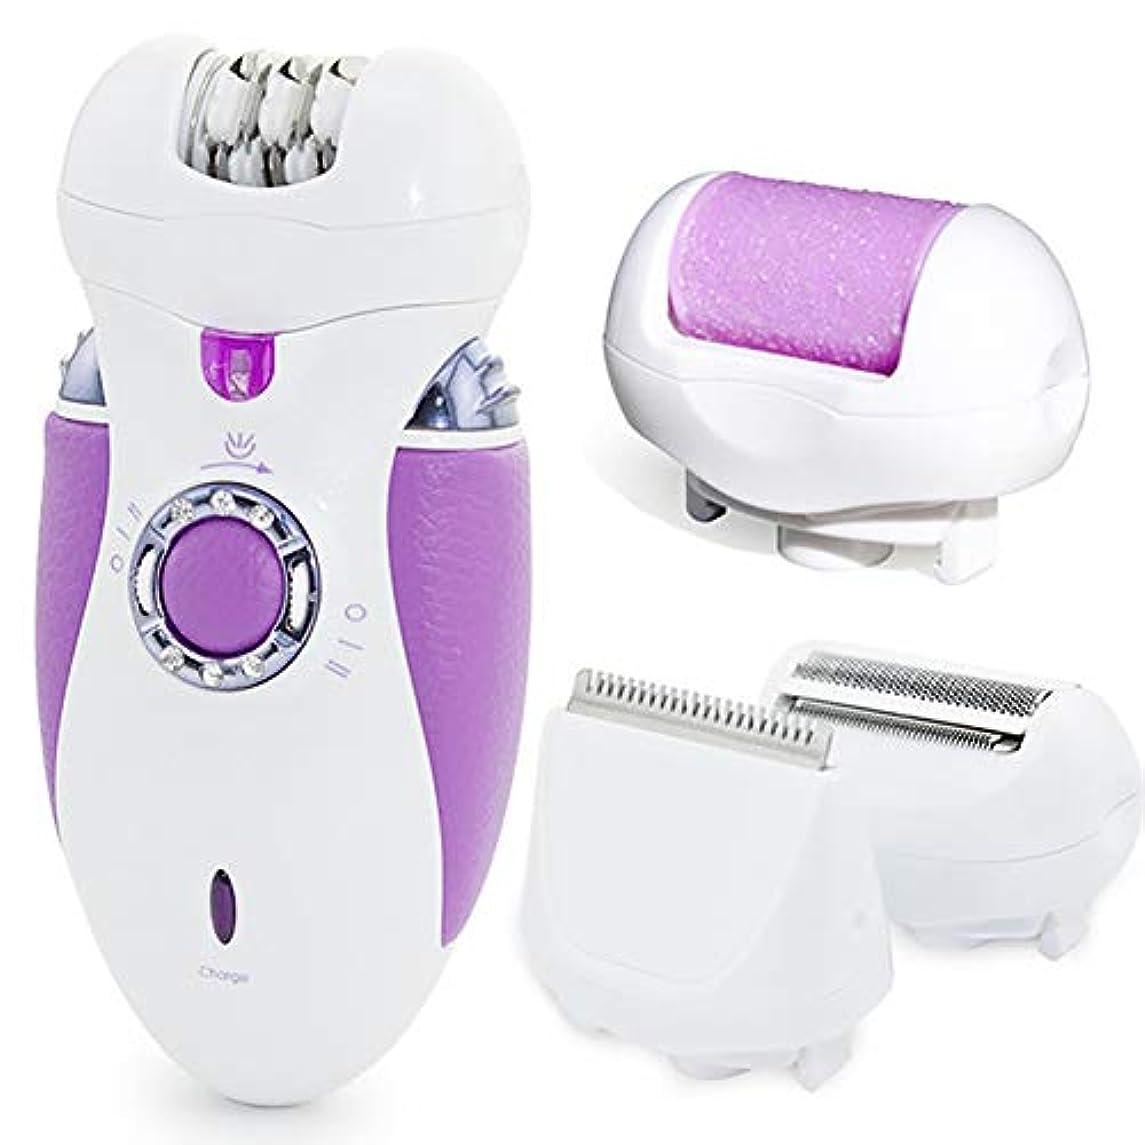 合体パンダ空港女性のための脱毛器、1シェーバー電気かみそりを含むウェット&ドライ電気シェーバー脱毛で4防水レディー電気シェーバーコードレス,紫色